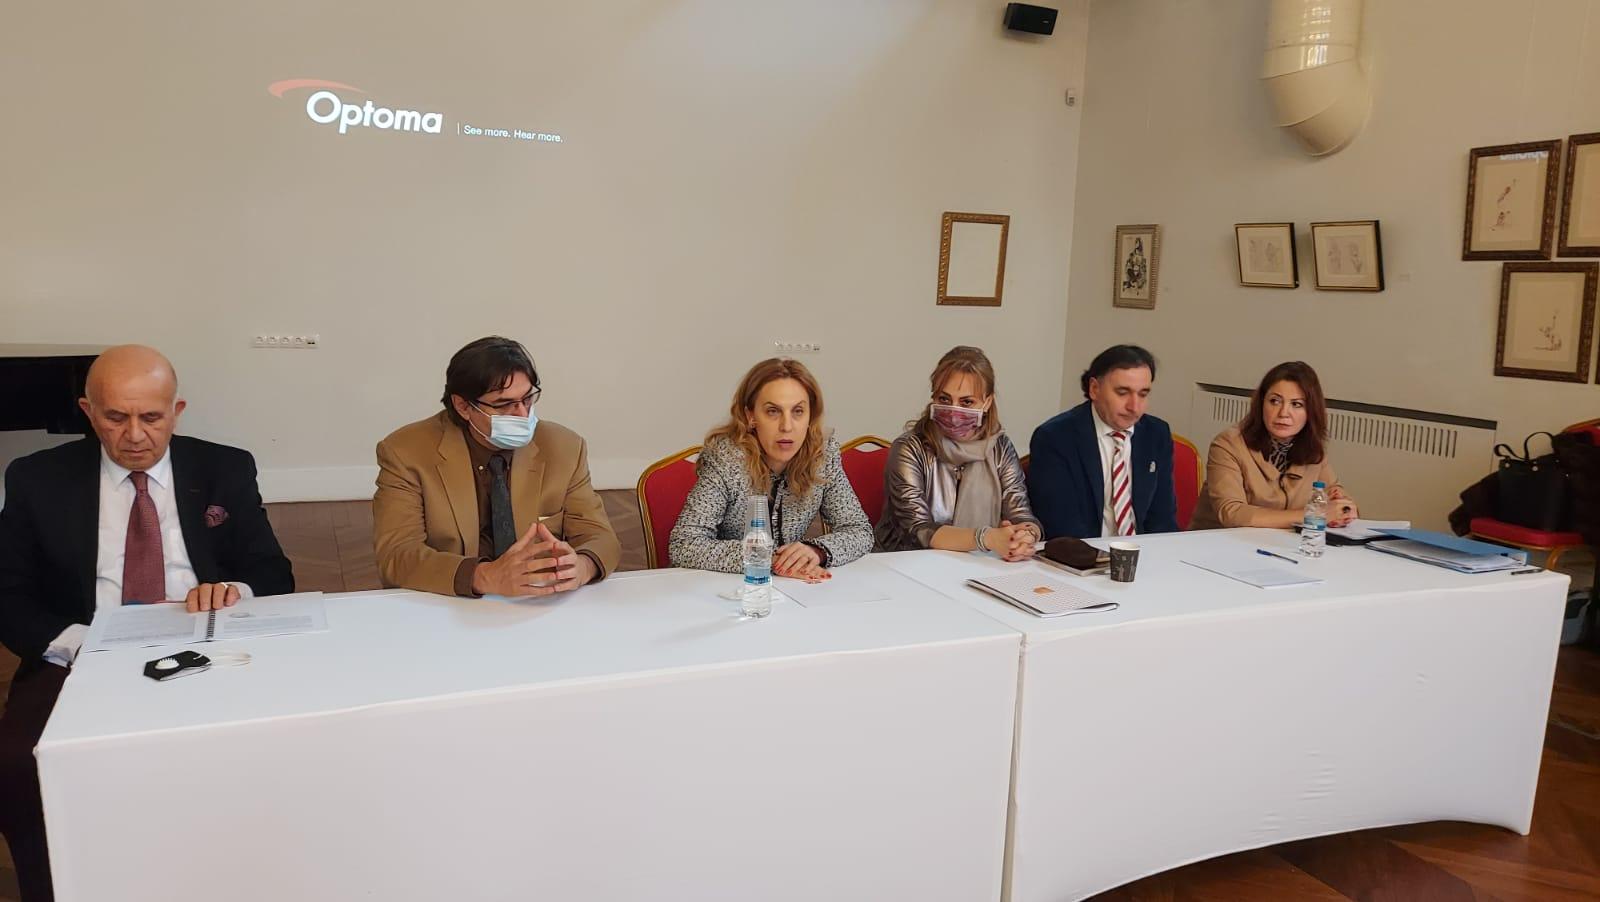 Вицепремиерът Марияна Николова пред Националния борд по туризъм: В непрекъснат диалог сме с бизнеса в търсене на най-добрите решения за сектора